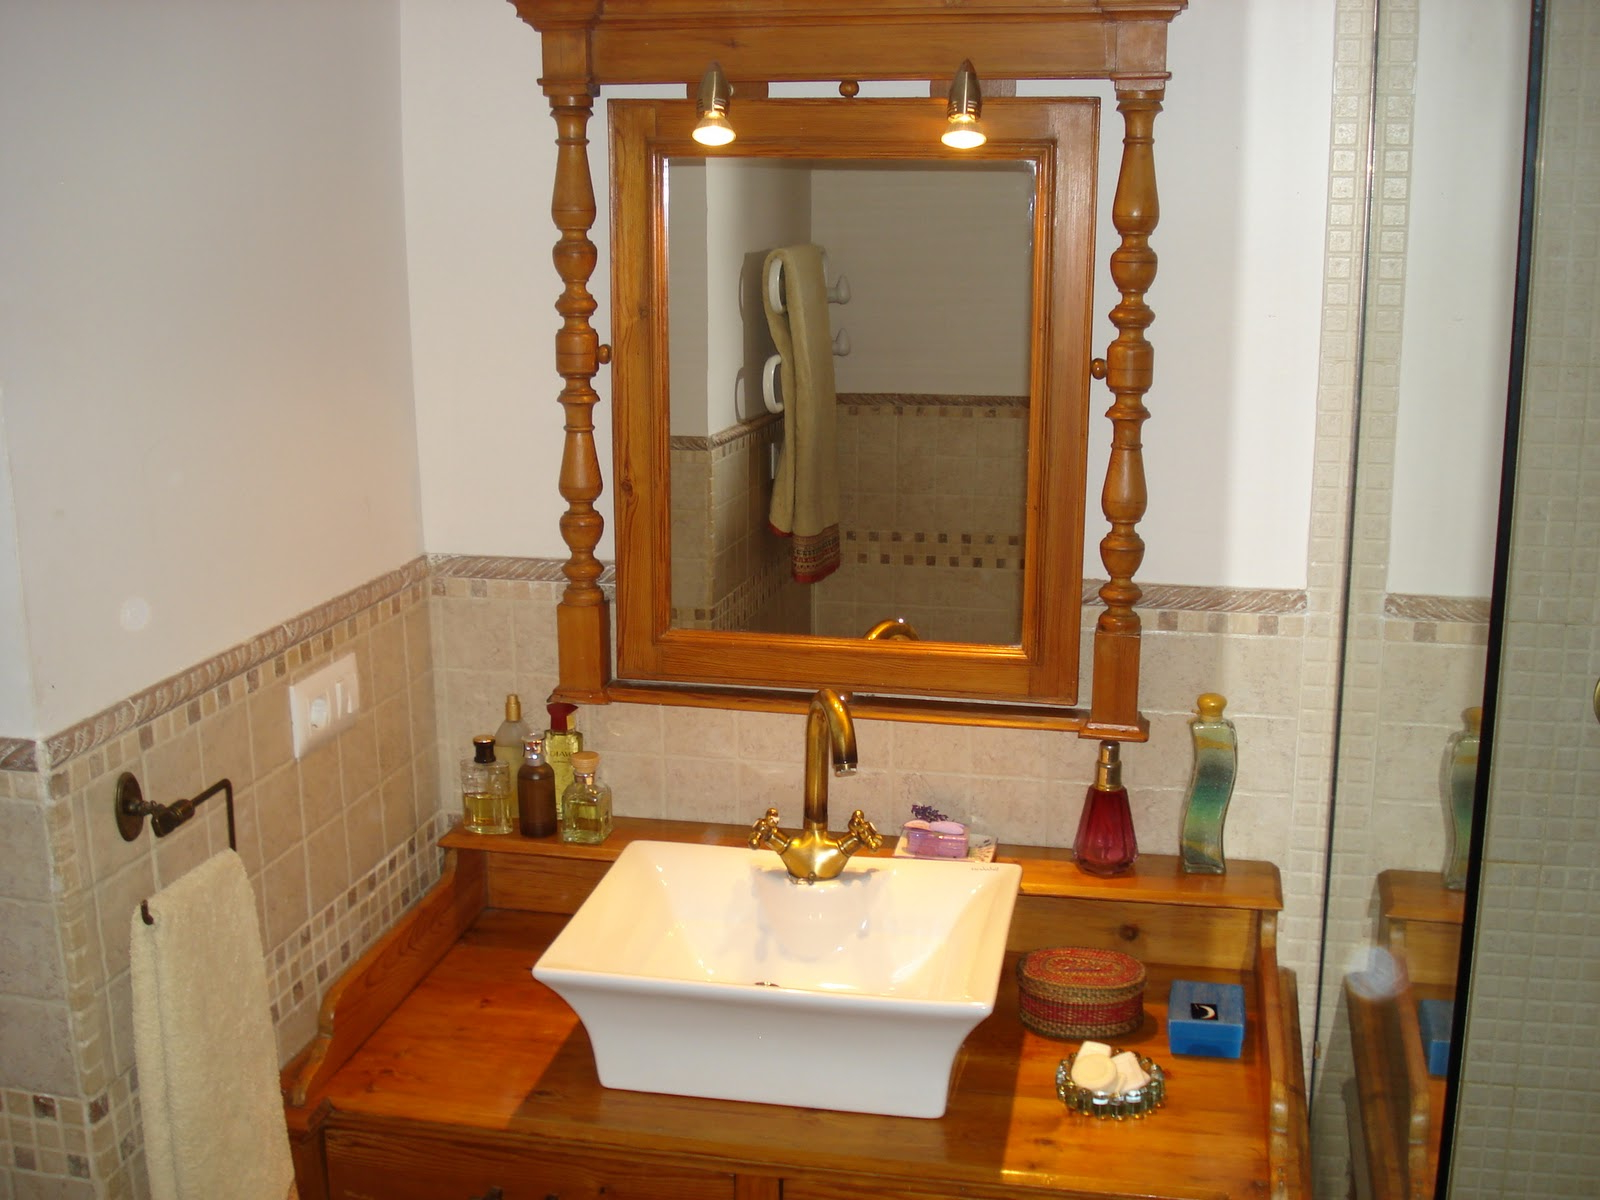 Mueble Baño Bajo Lavabo Whdr Un Tesoro En La Basura De tocador A Mueble De Lavabo